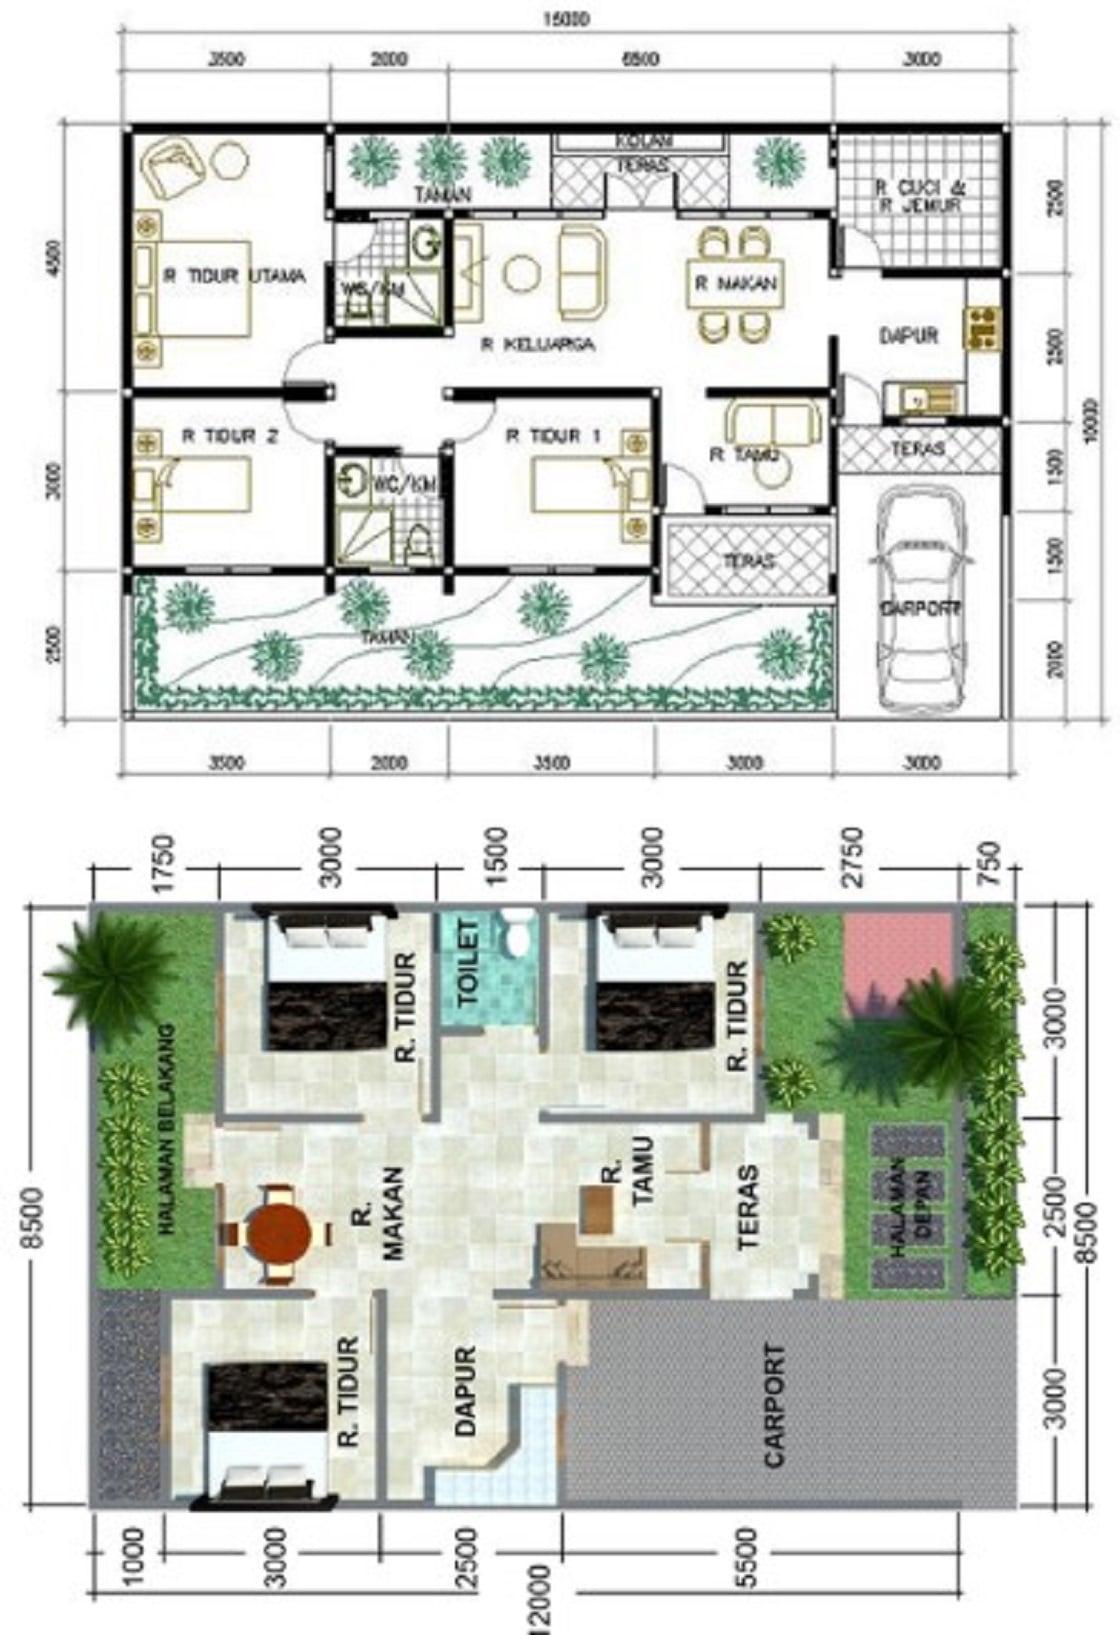 81 Arsitektur Desain Denah Rumah Minimalis Modern 1 Lantai 3 Kamar Kreatif Banget Deh